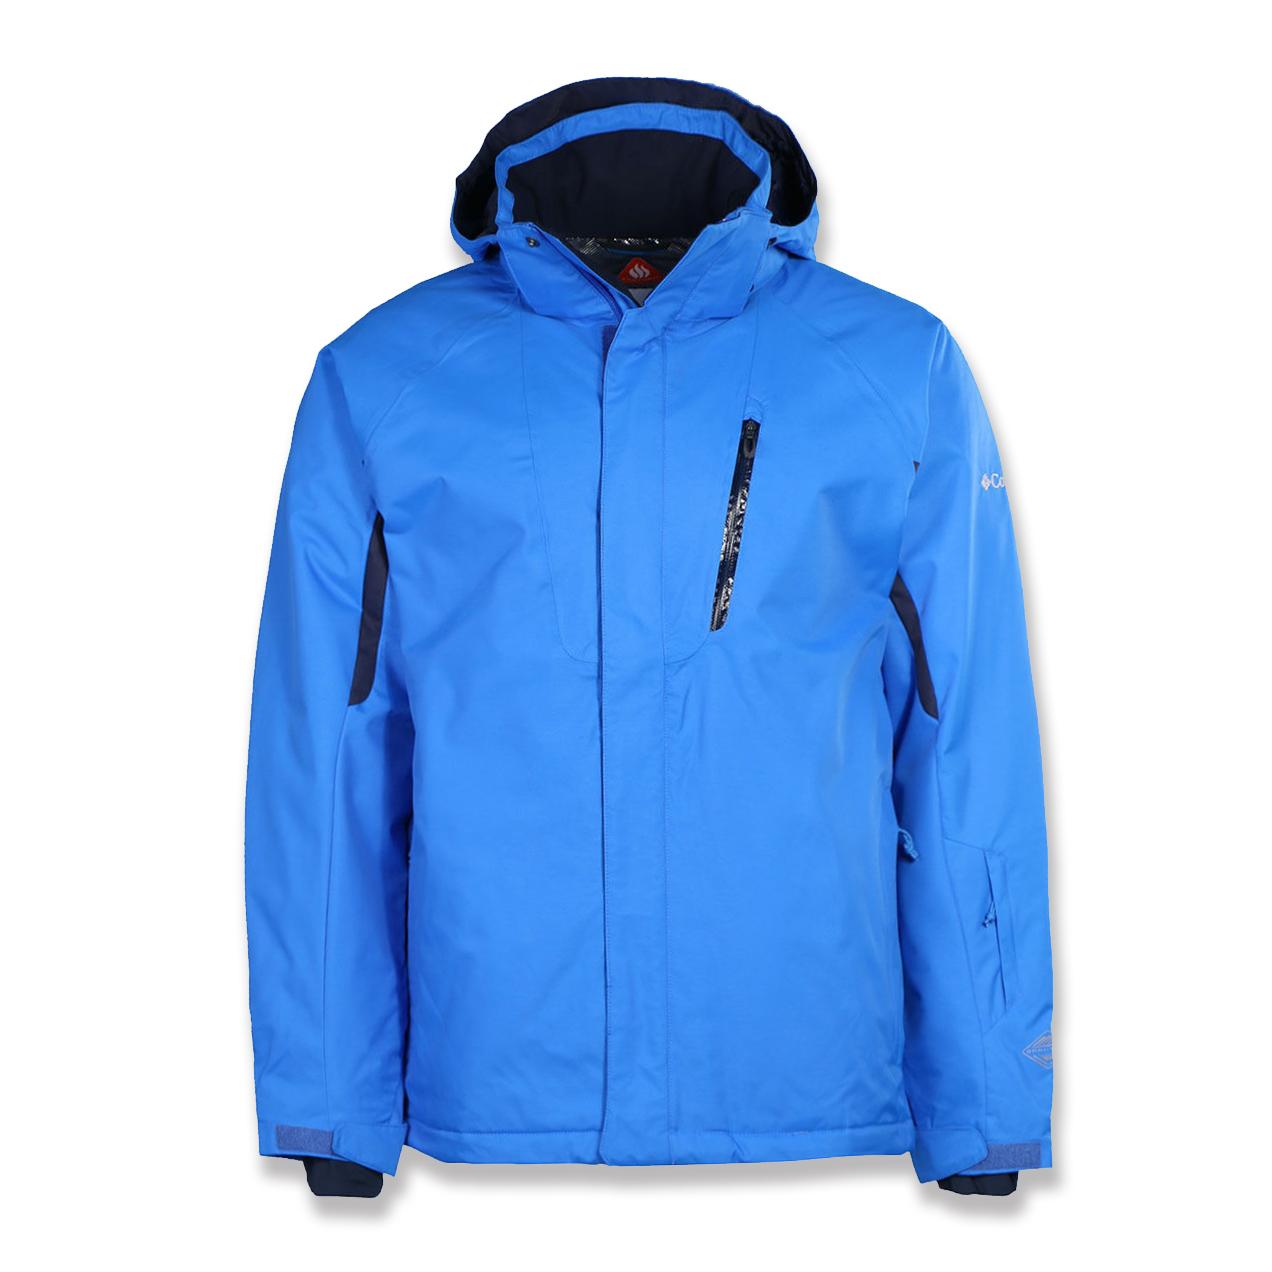 美國百分百【全新真品】Columbia 外套 夾克 連帽 哥倫比亞 登山 滑雪 發熱衣 防水 男 藍色 S號 G162